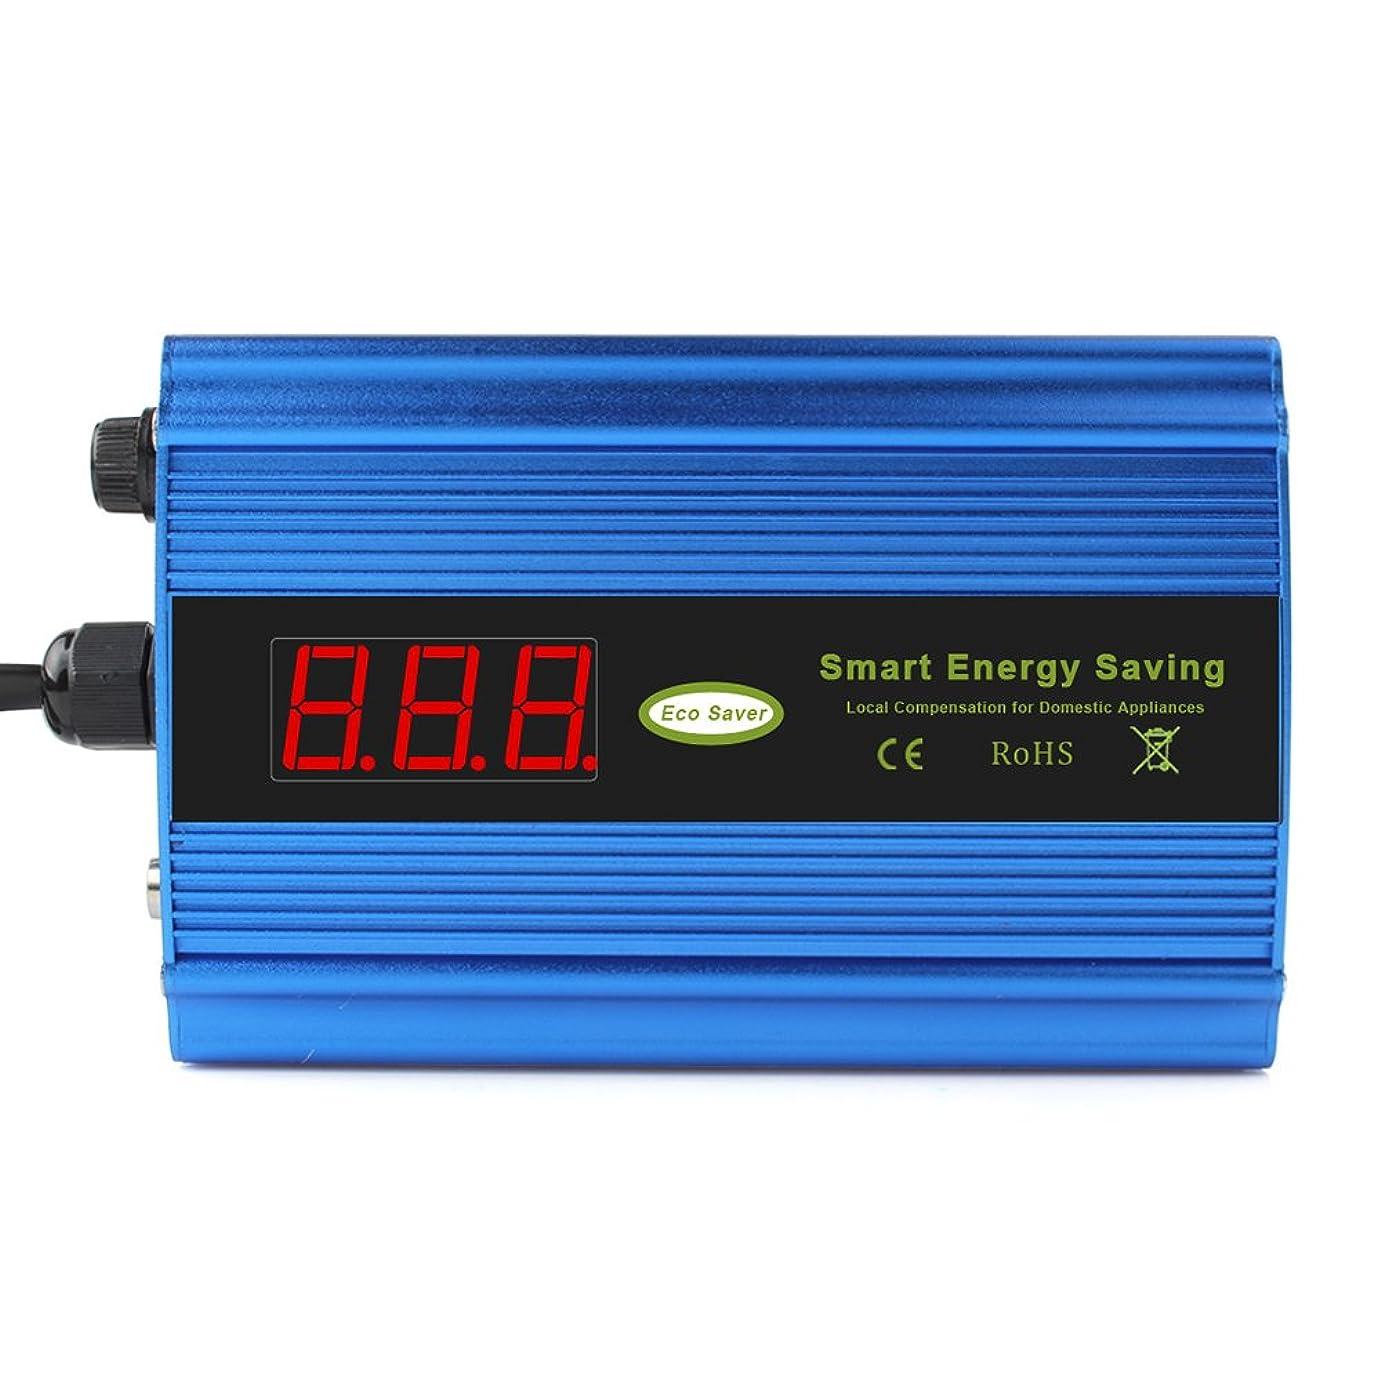 衣装豆指定Rakuby スマート パワーエネルギーセーバー インテリジェント LEDセービングボックス ホーム 電力省エネ機器 省電力アプライアンス